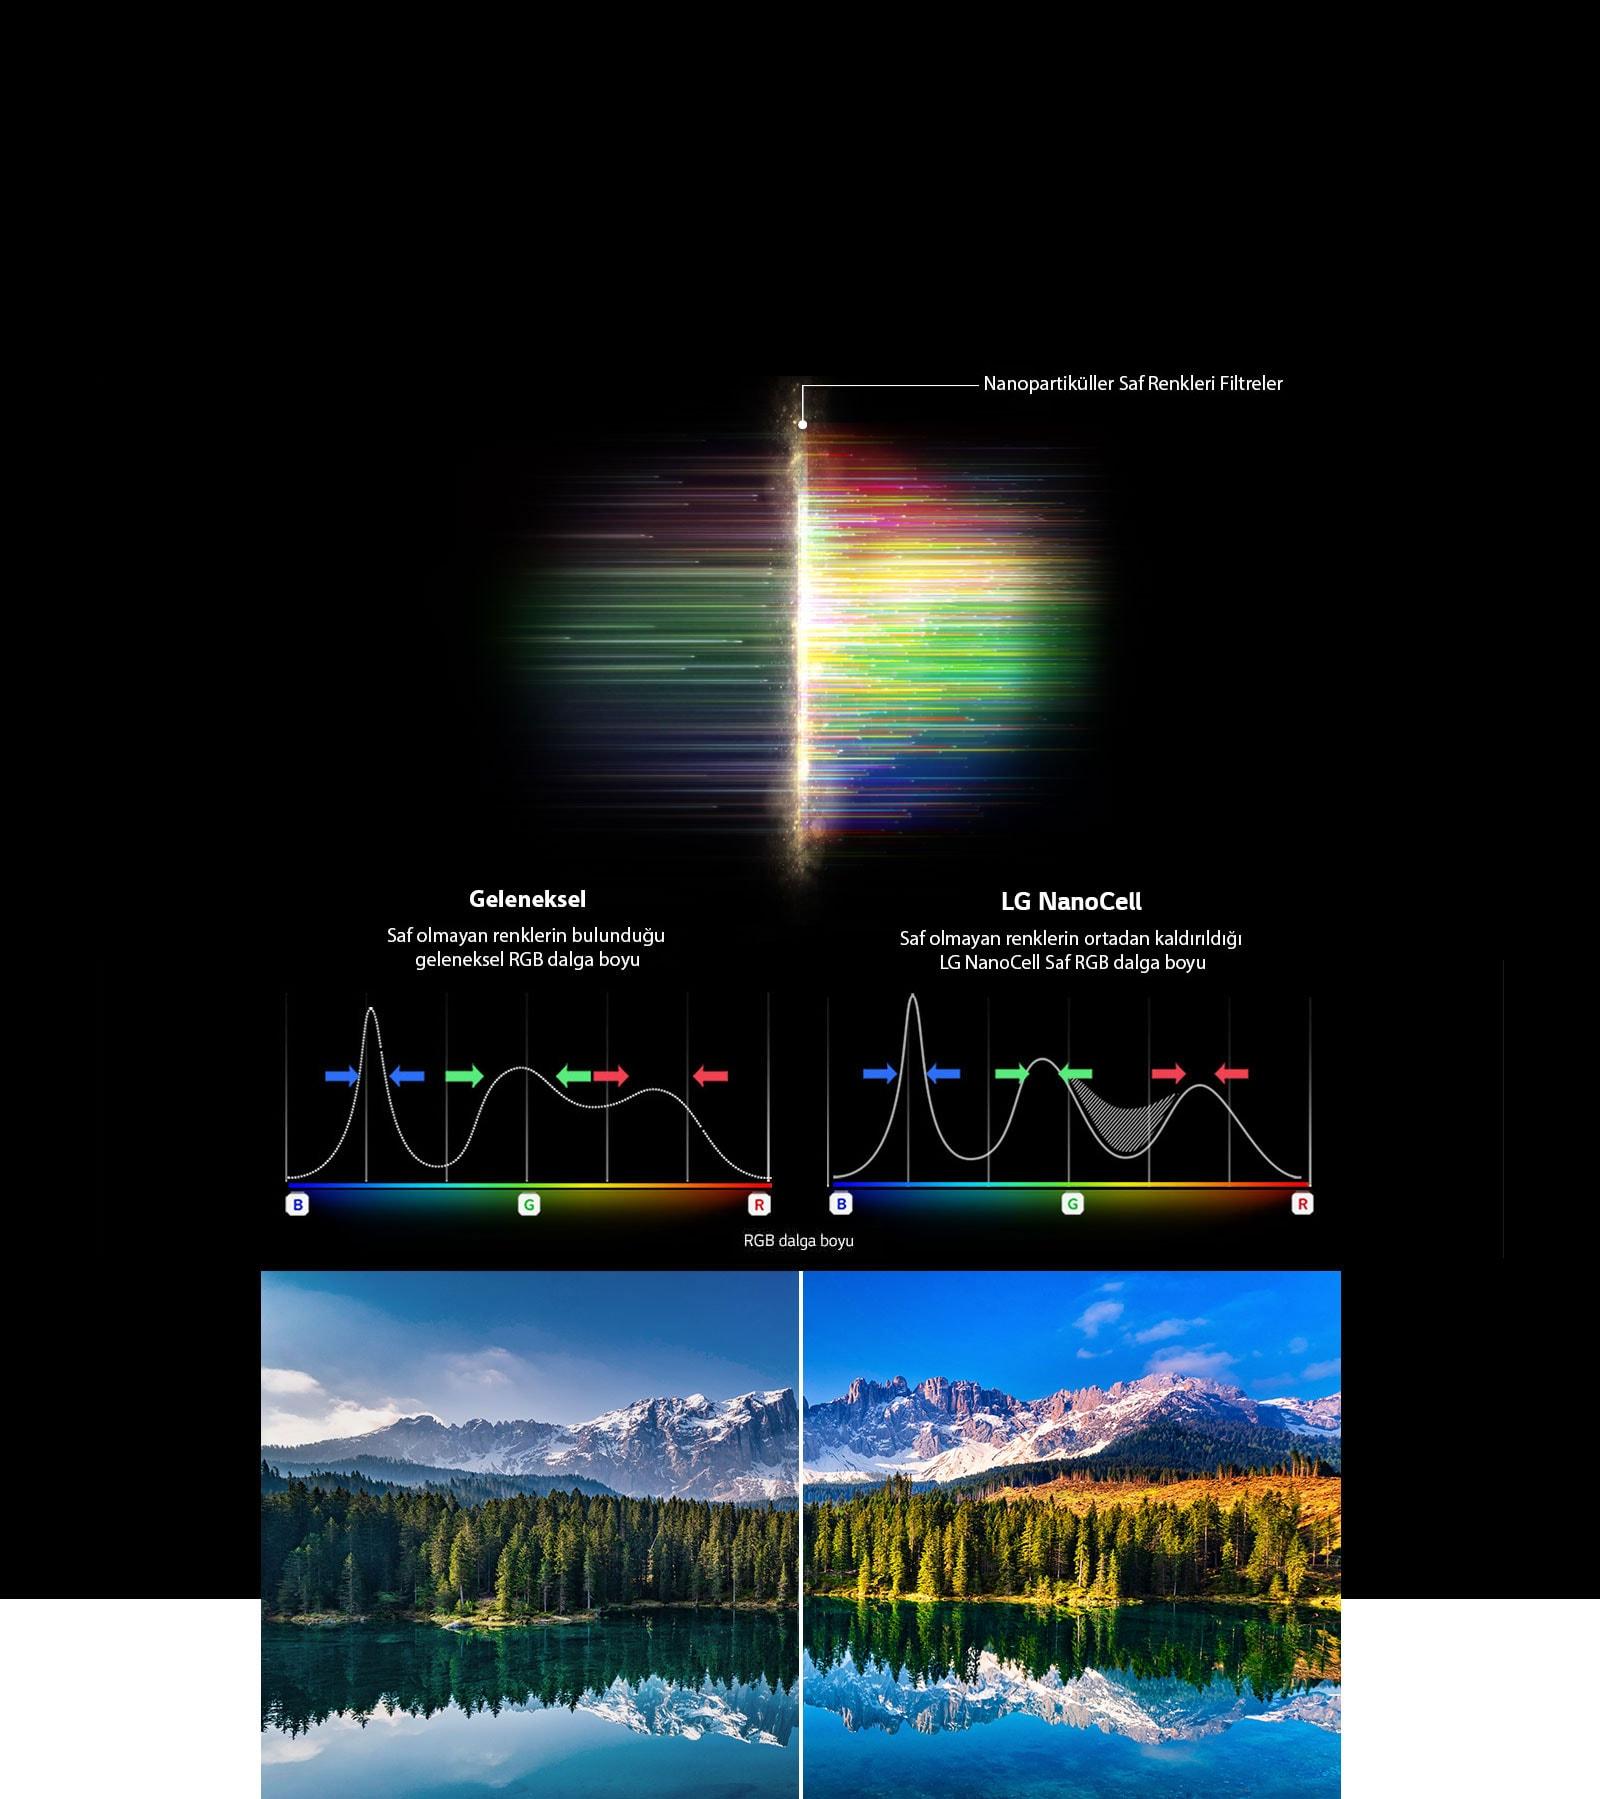 Donuk renkleri filtreleyen RGB spektrum grafiği ve geleneksel teknolojiyle NanoCell teknolojisi arasındaki Renk Saflığını karşılaştıran görseller